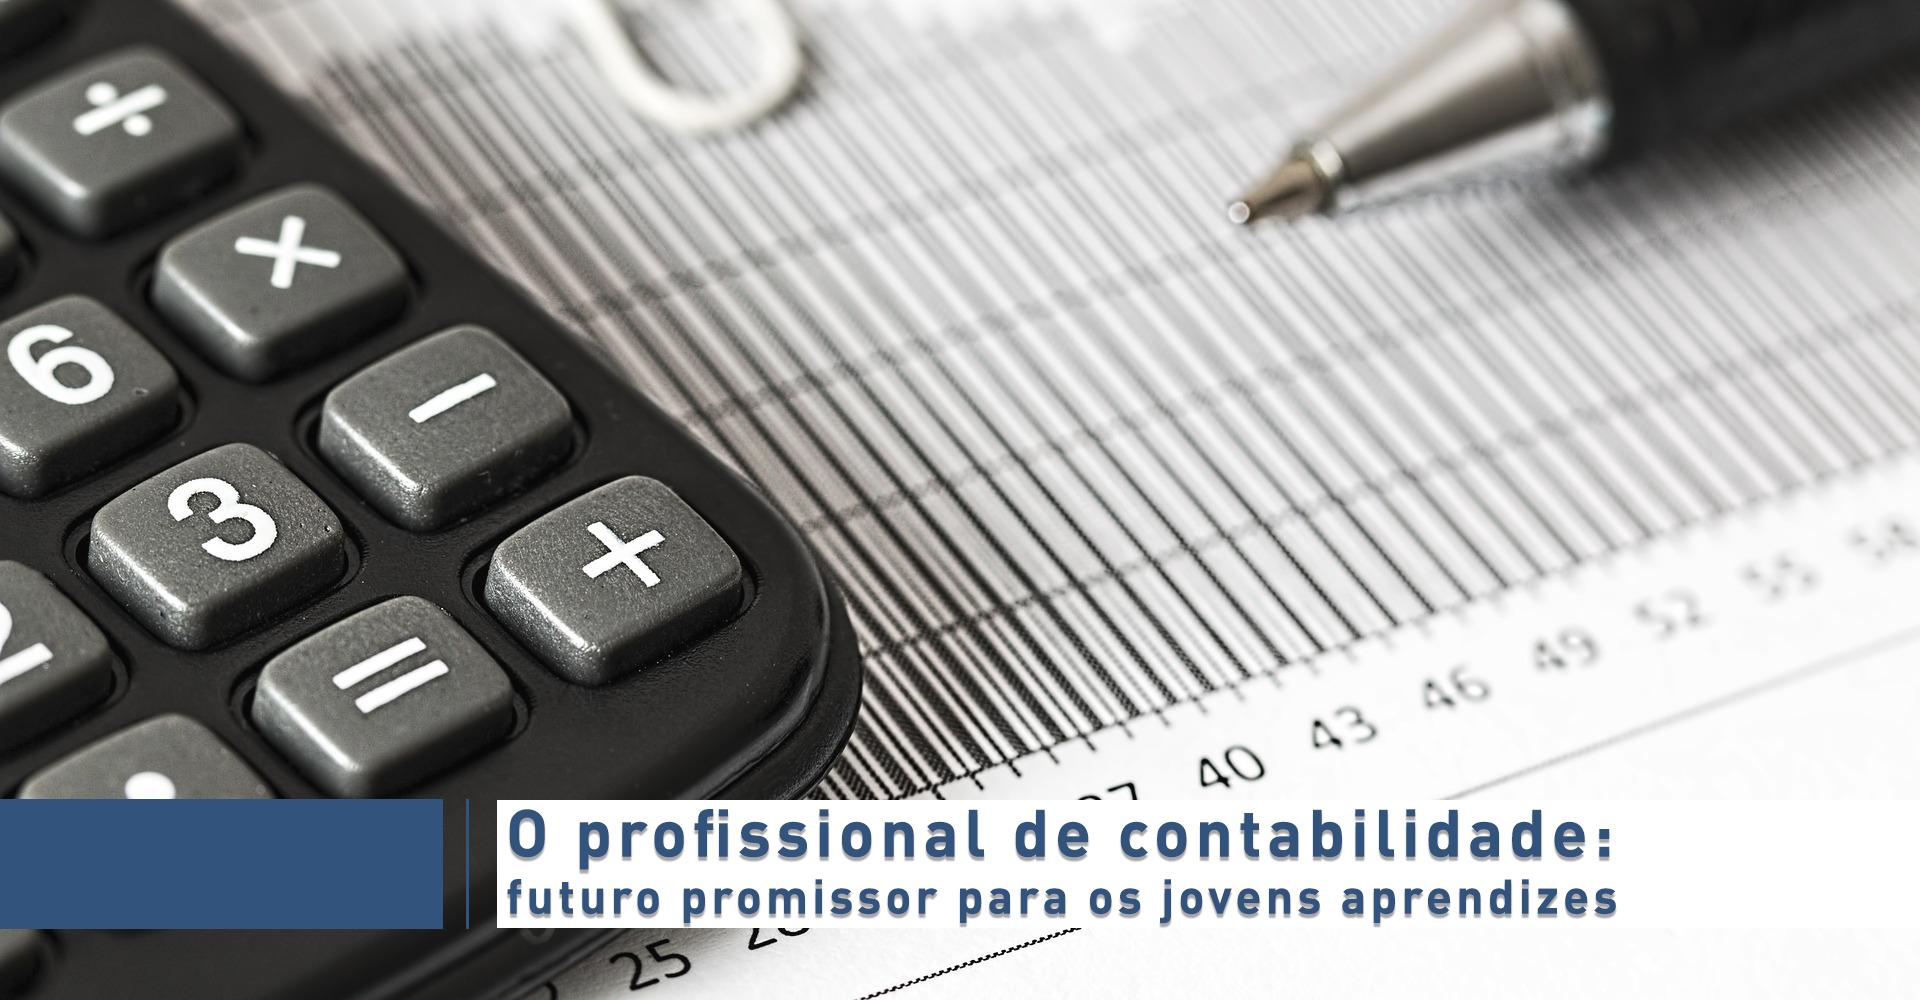 Read more about the article O profissional de contabilidade: futuro promissor para os jovens aprendizes